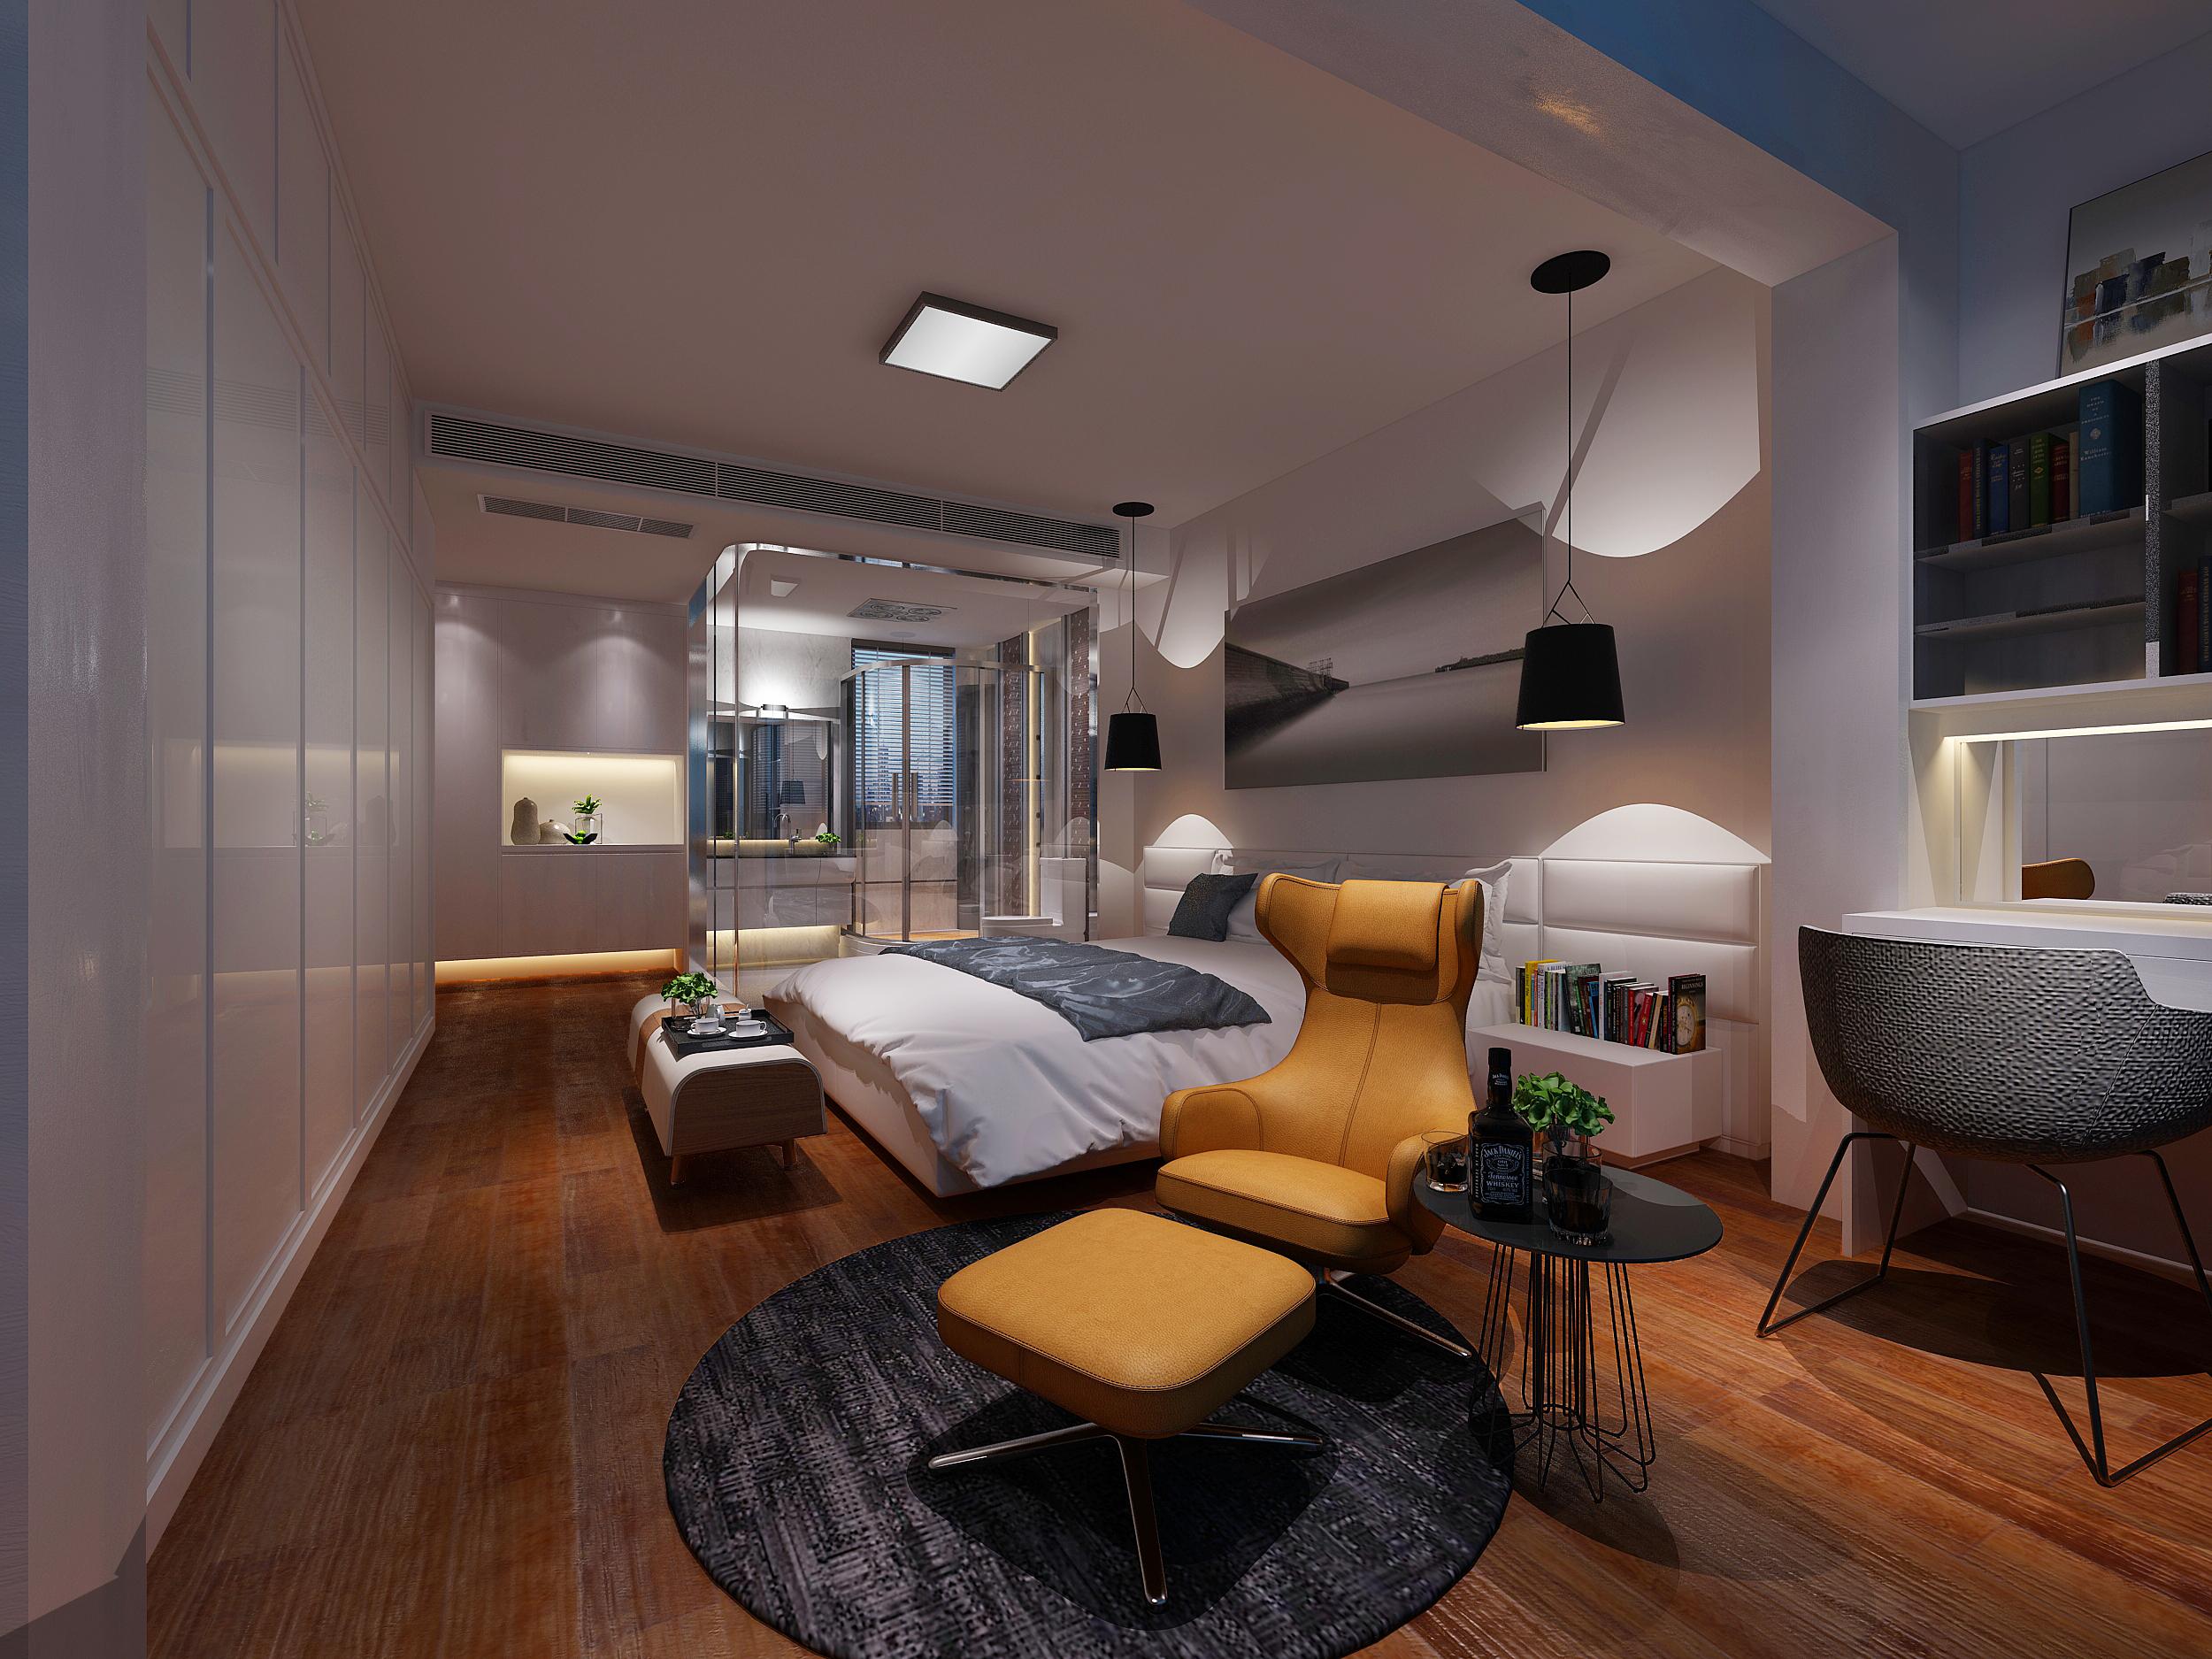 臥室裝修的頂面需不需要用隔音?